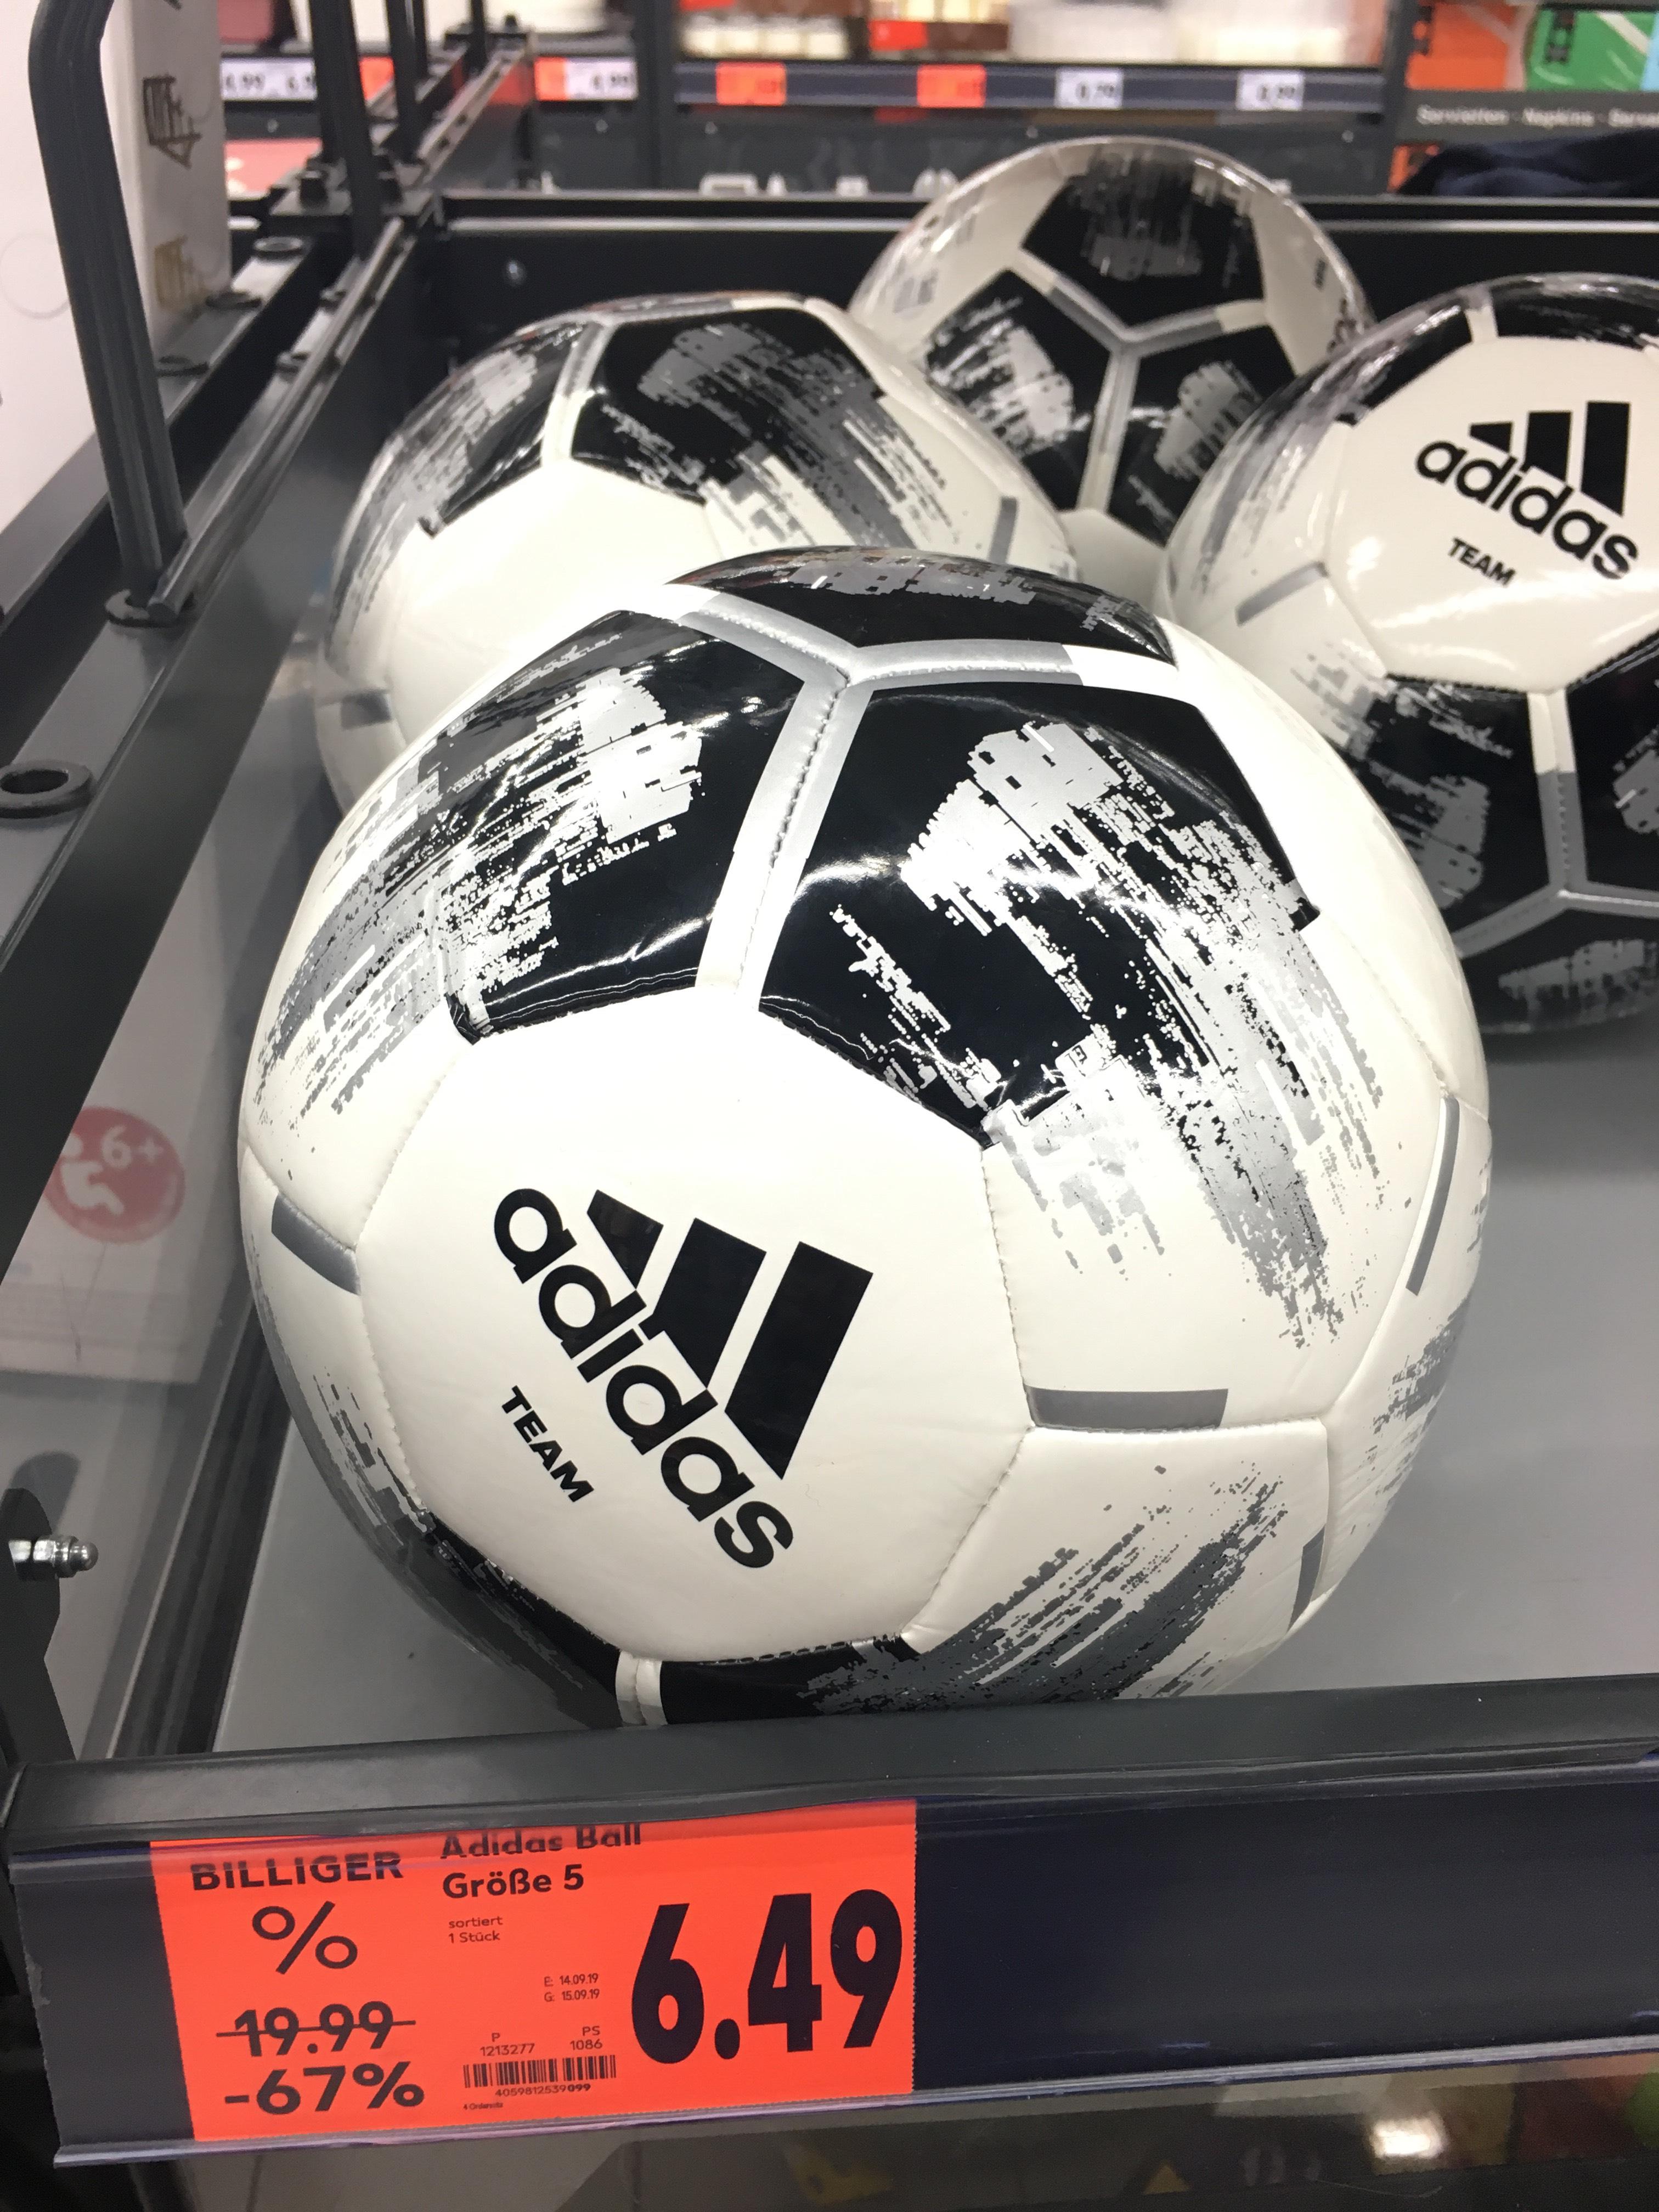 Adidas Ball Größe 5 - Kaufland [Lokal Magdeburg]